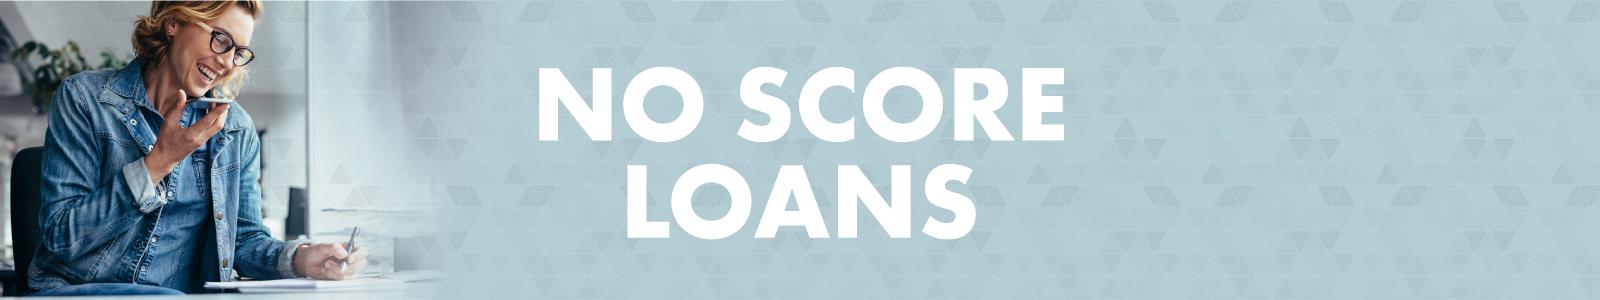 No-Score-Loans-Banner-1-wide